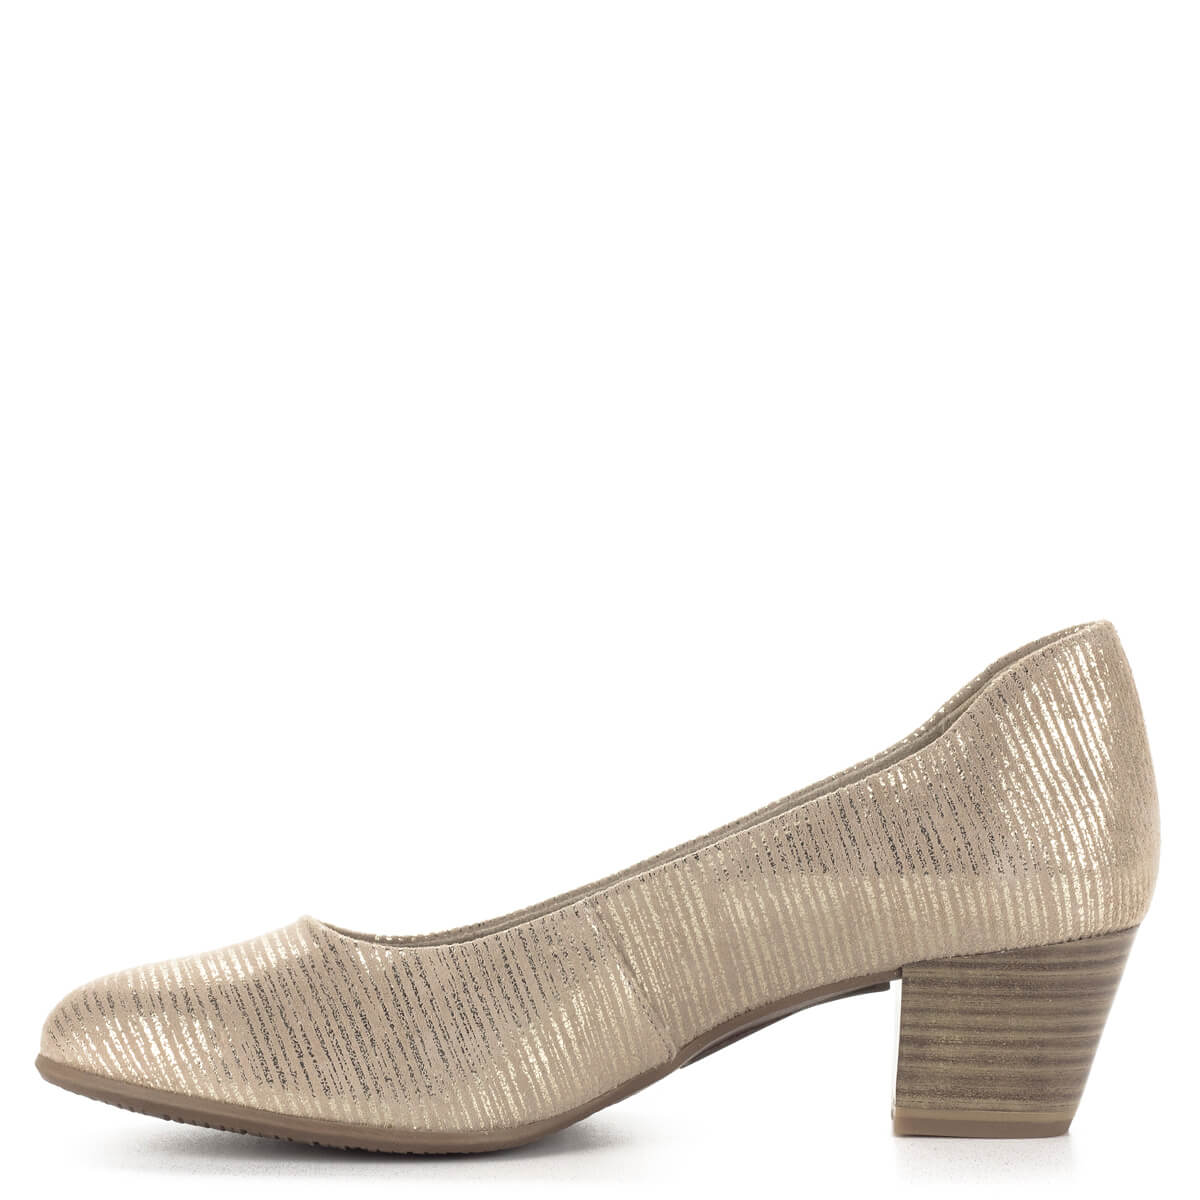 ... Tamaris cipő bézs-arany színben 4 f9fabe0abf